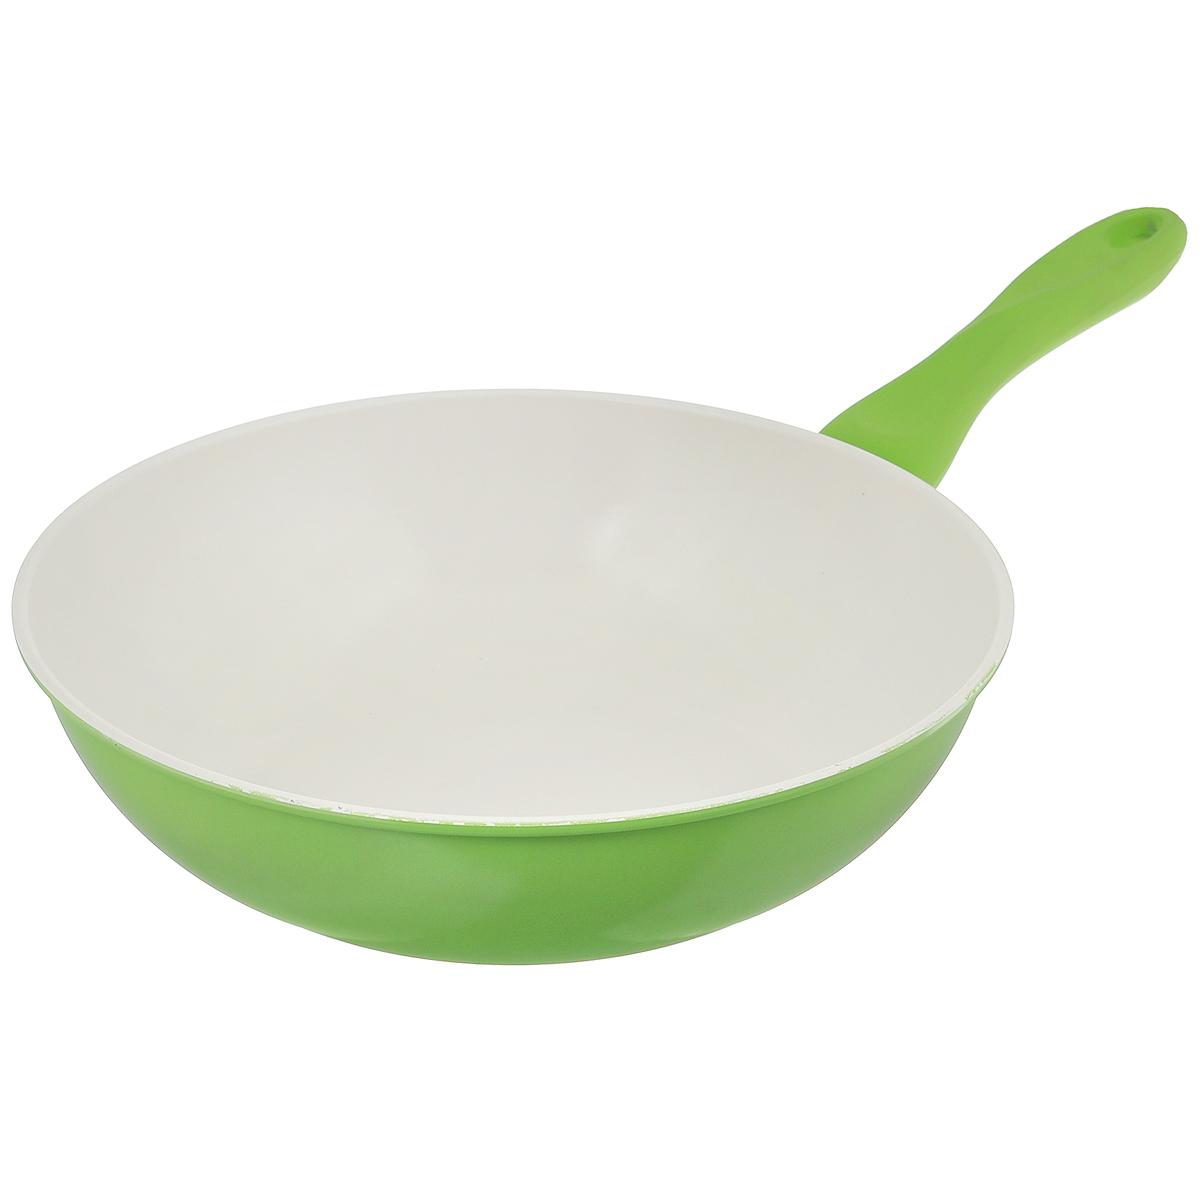 Сковорода-вок Mayer & Boch, с керамическим покрытием, цвет: зеленый. Диаметр 30 см68/5/4Сковорода Вок Mayer & Boch изготовлена из углеродистой стали с высококачественным керамическим покрытием. Керамика не содержит вредных примесей ПФОК, что способствует здоровому и экологичному приготовлению пищи. Кроме того, с таким покрытием пища не пригорает и не прилипает к стенкам, поэтому можно готовить с минимальным добавлением масла и жиров. Гладкая, идеально ровная поверхность сковороды легко чистится, ее можно мыть в воде руками или вытирать полотенцем.Эргономичная ручка специального дизайна выполнена из силикона.Сковорода подходит для использования на газовых и электрических плитах. Также изделие можно мыть в посудомоечной машине. Диаметр: 30 см. Высота стенки: 8 см. Толщина стенки: 1,2 мм. Толщина дна: 2 мм. Длина ручки: 19 см. Диаметр дна: 19 см.